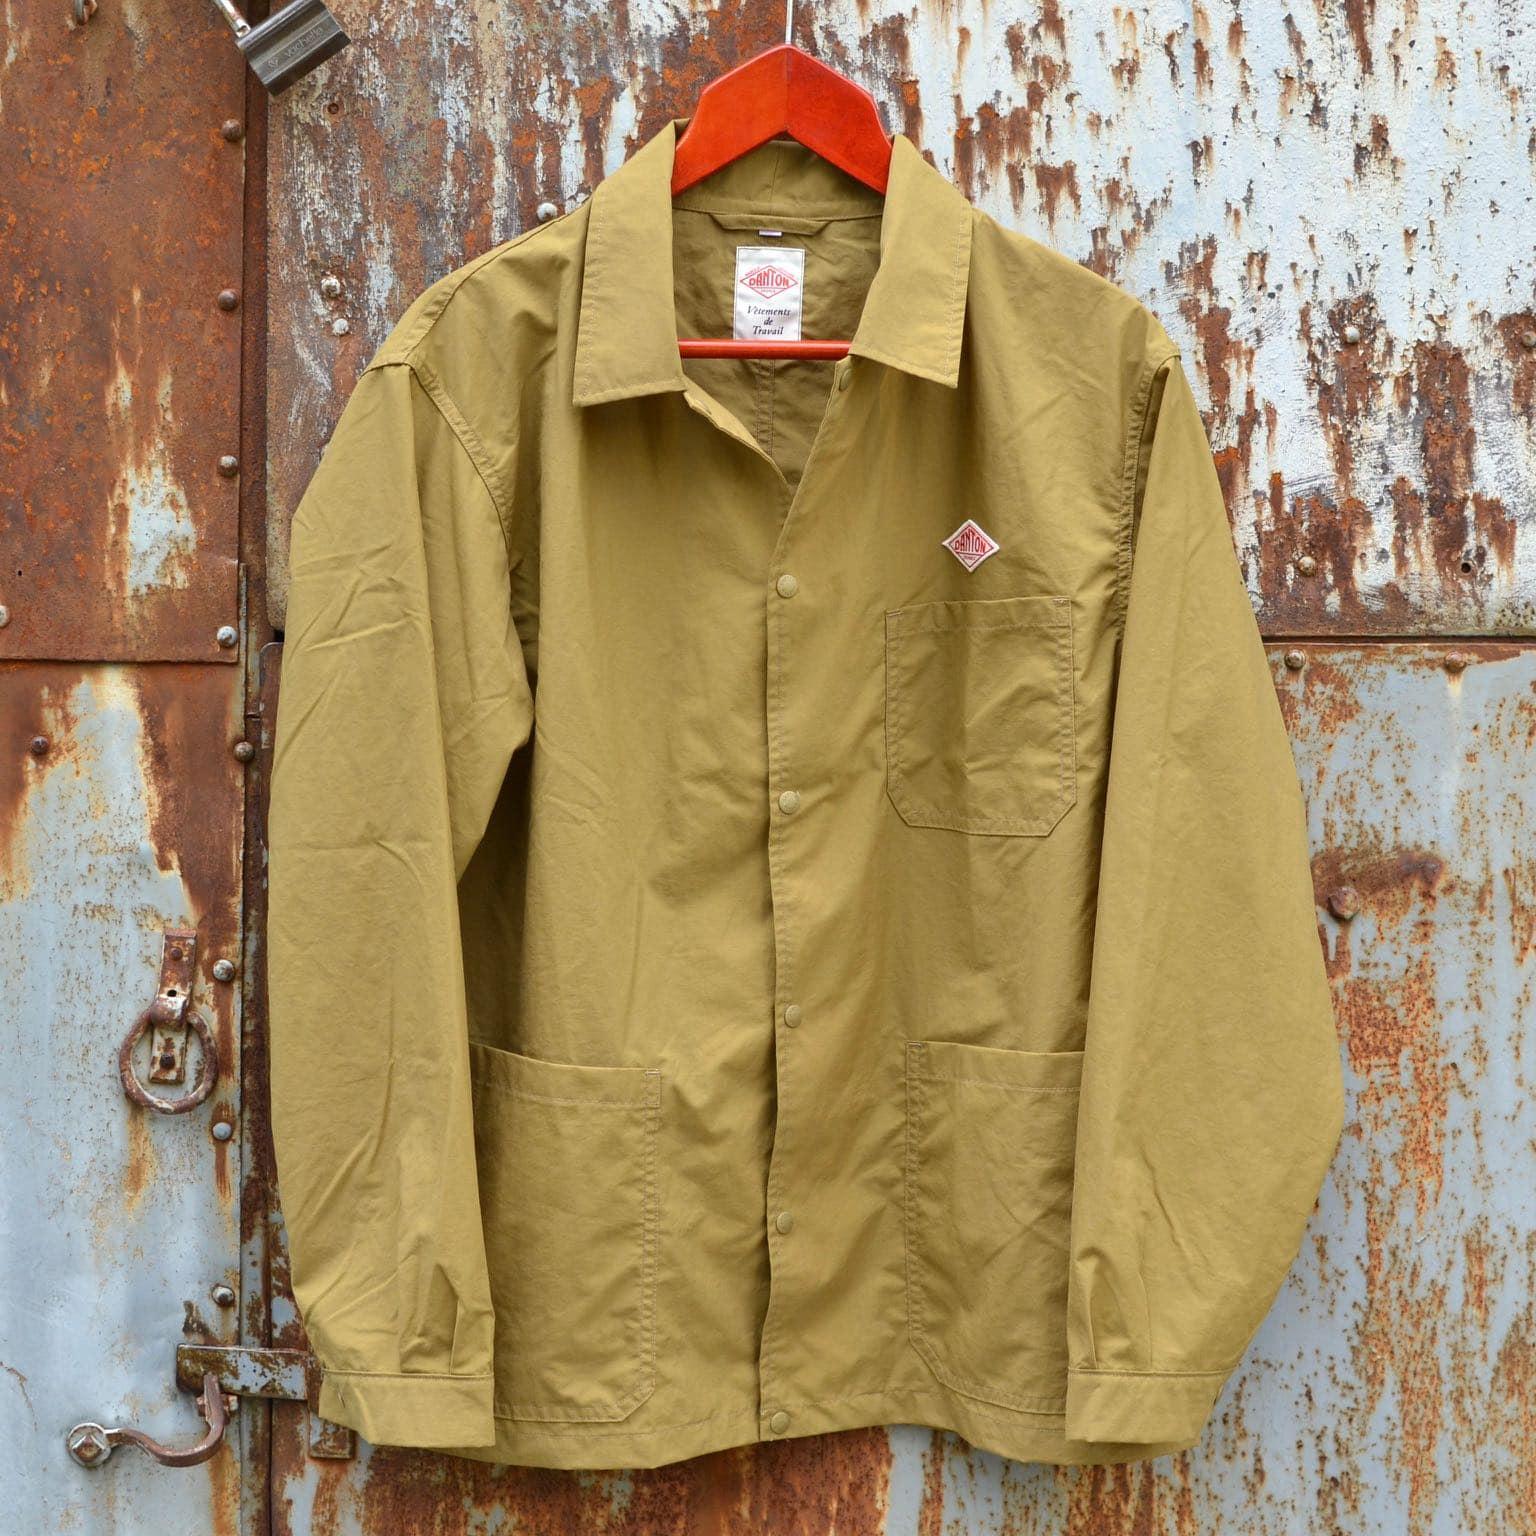 coach jacket et veste de travail de la marque workwear française danton